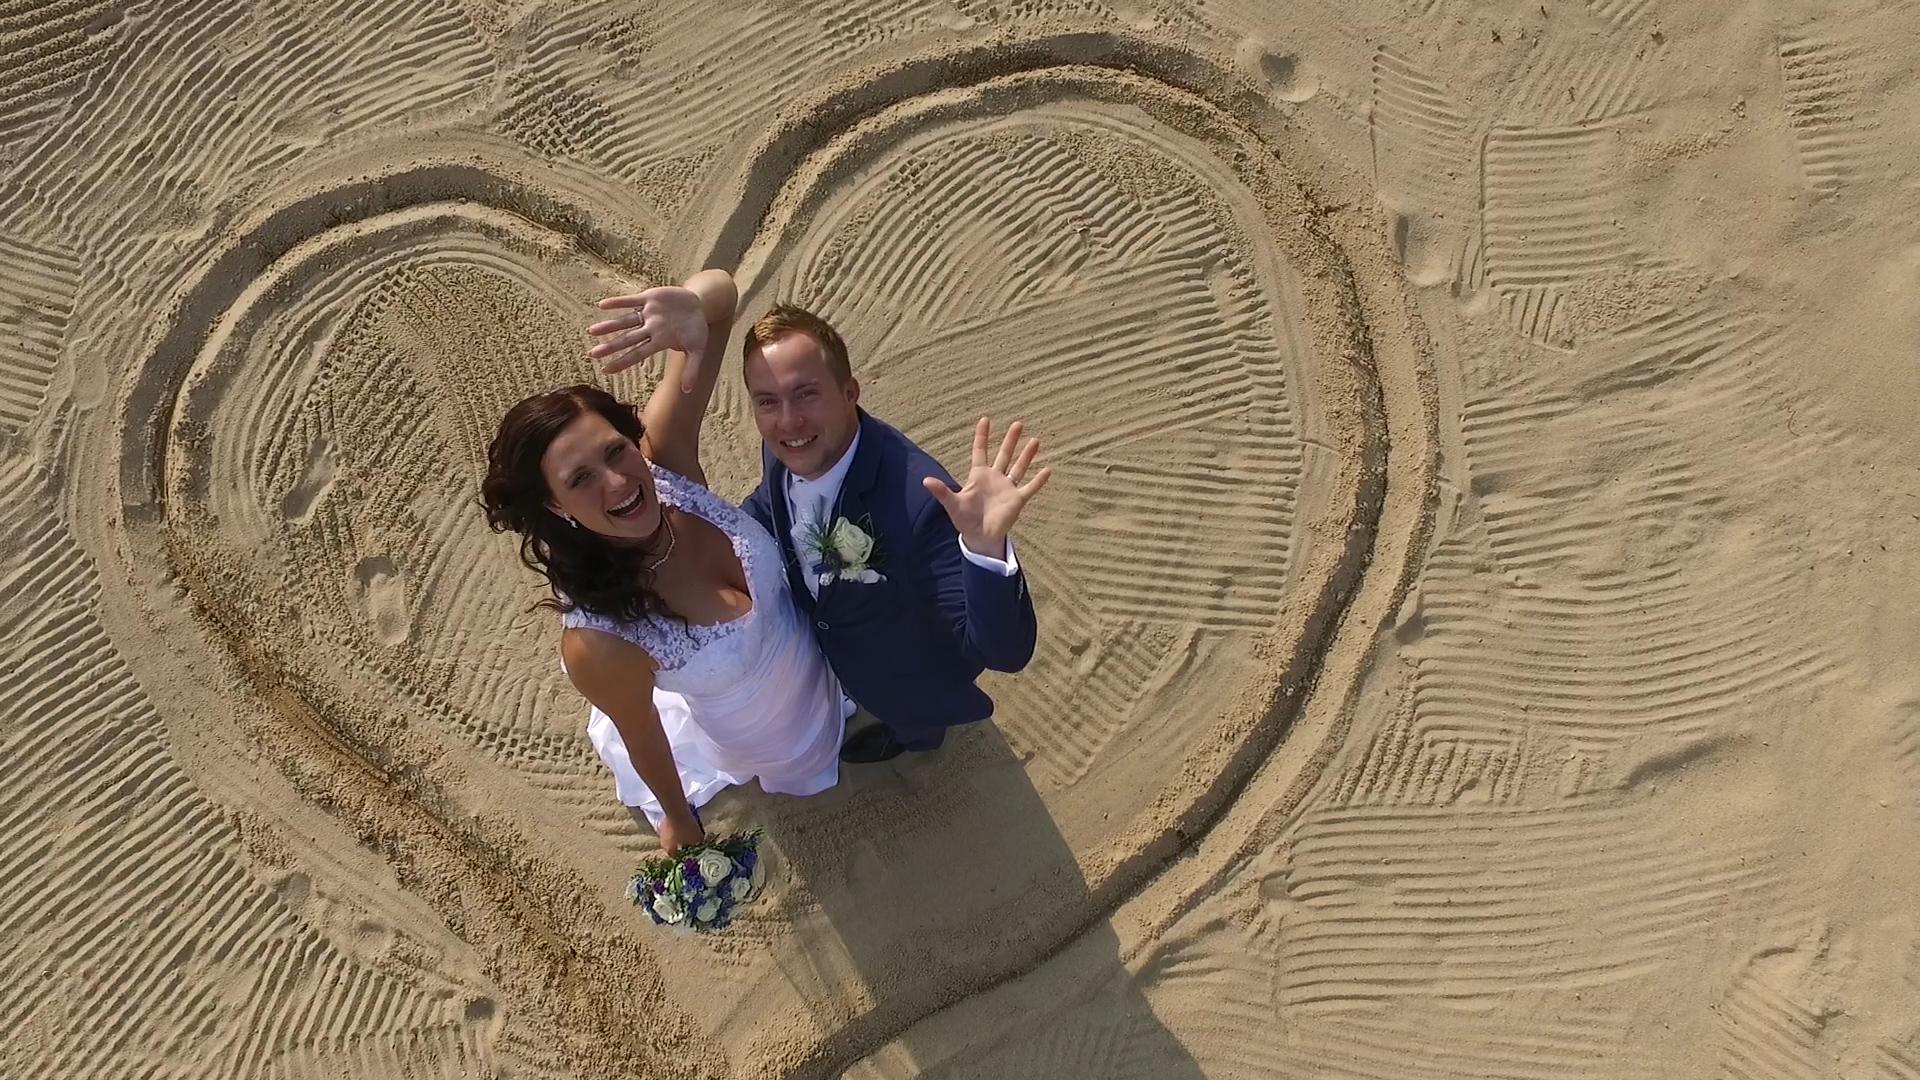 Svatební fotka z dronu